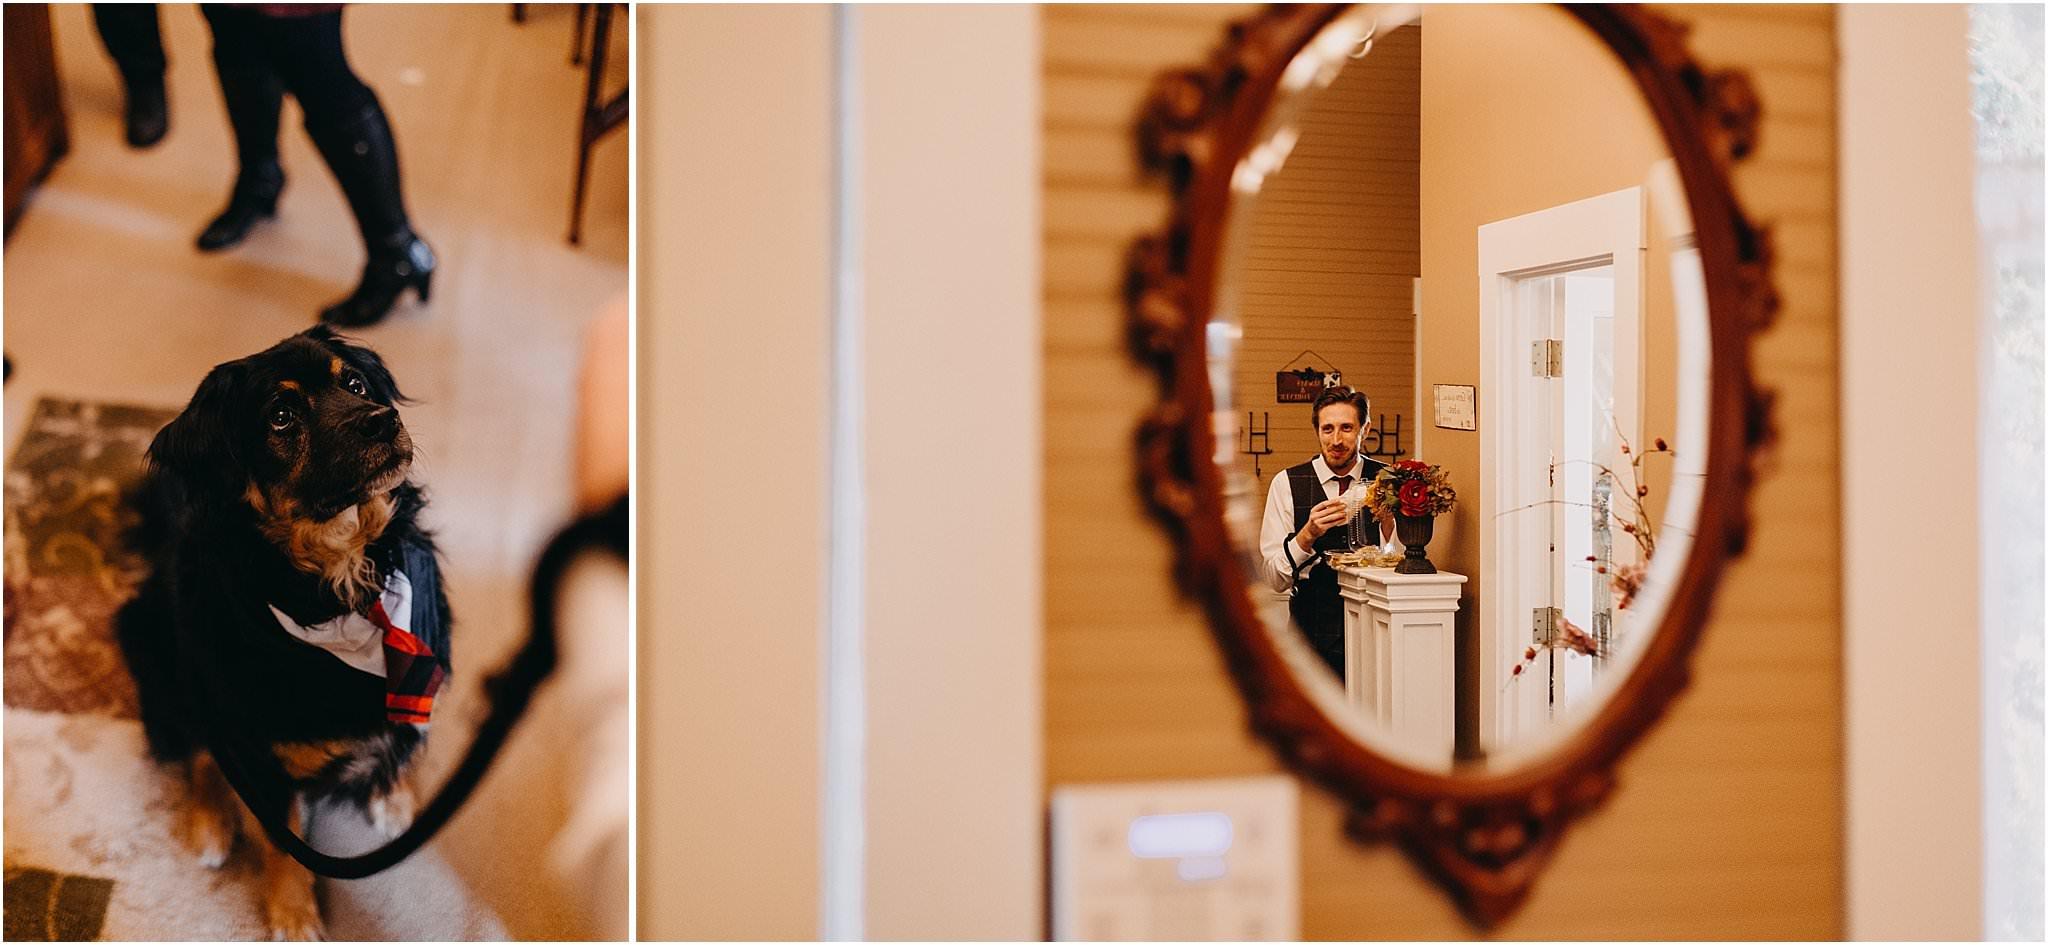 sarah-and-daves-downtown-snohomish-wedding-9.jpg